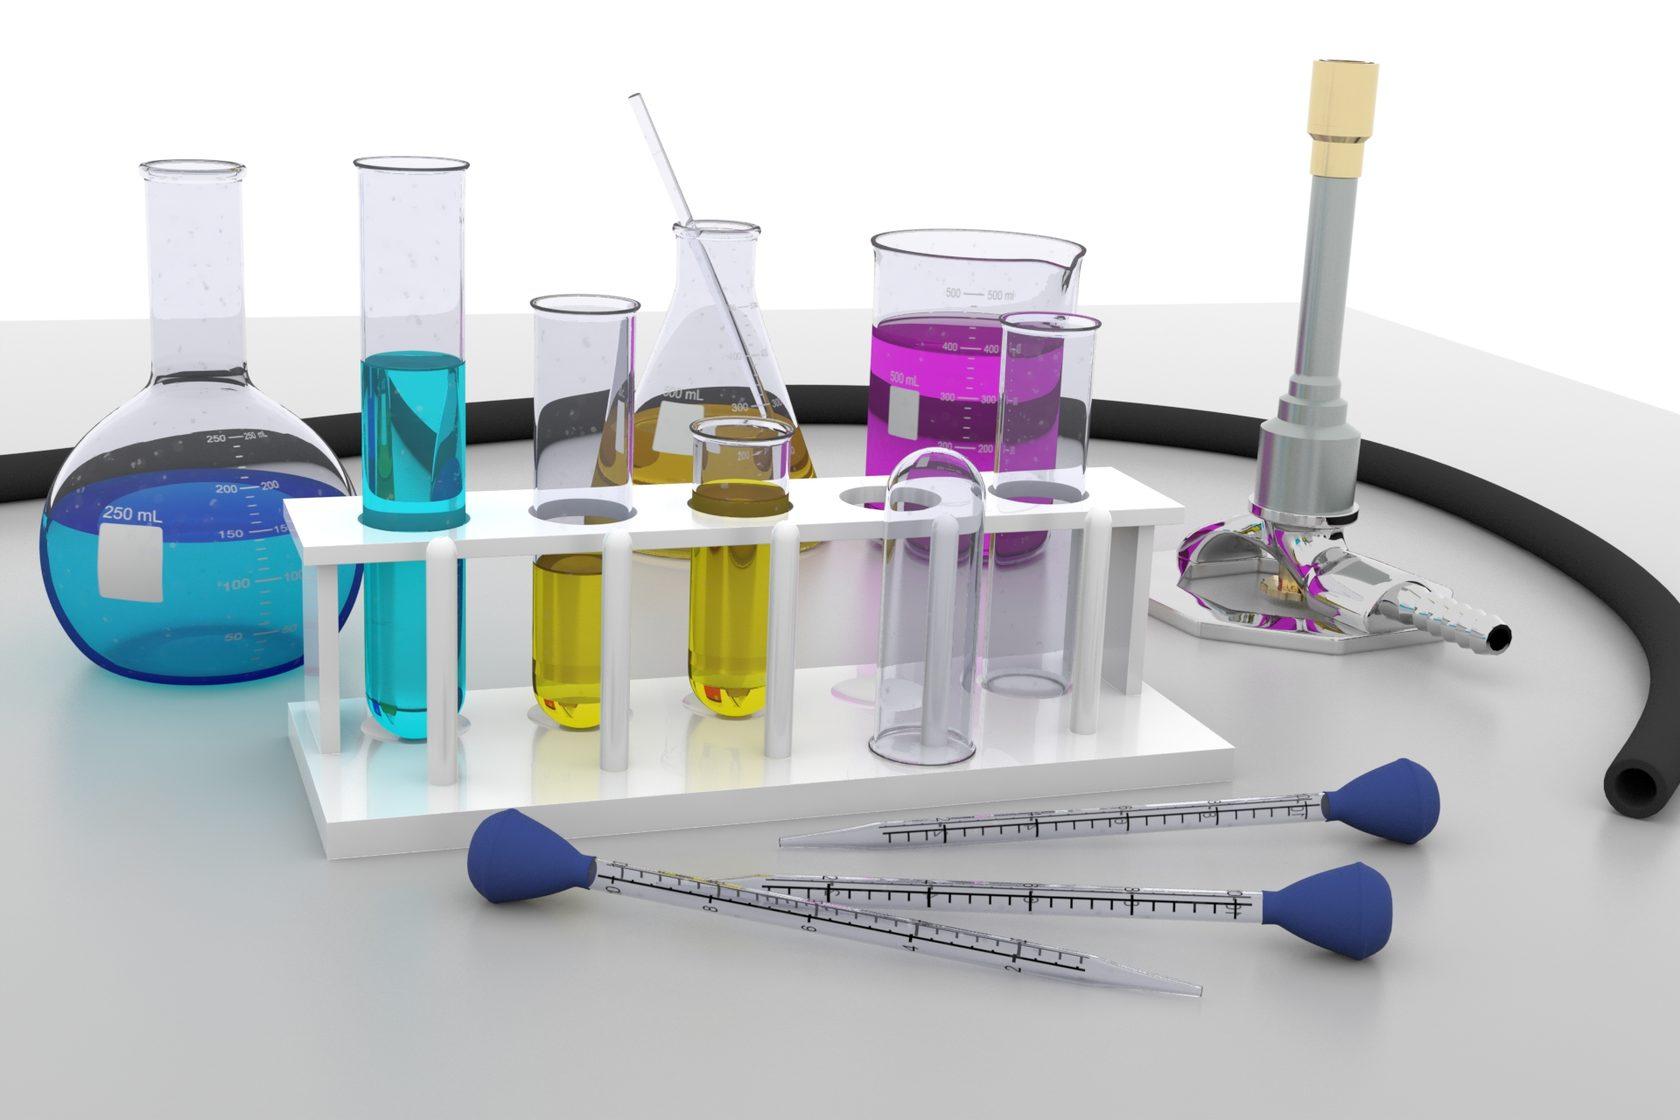 наших дней картинки химического лабораторного оборудования вам помощь придет